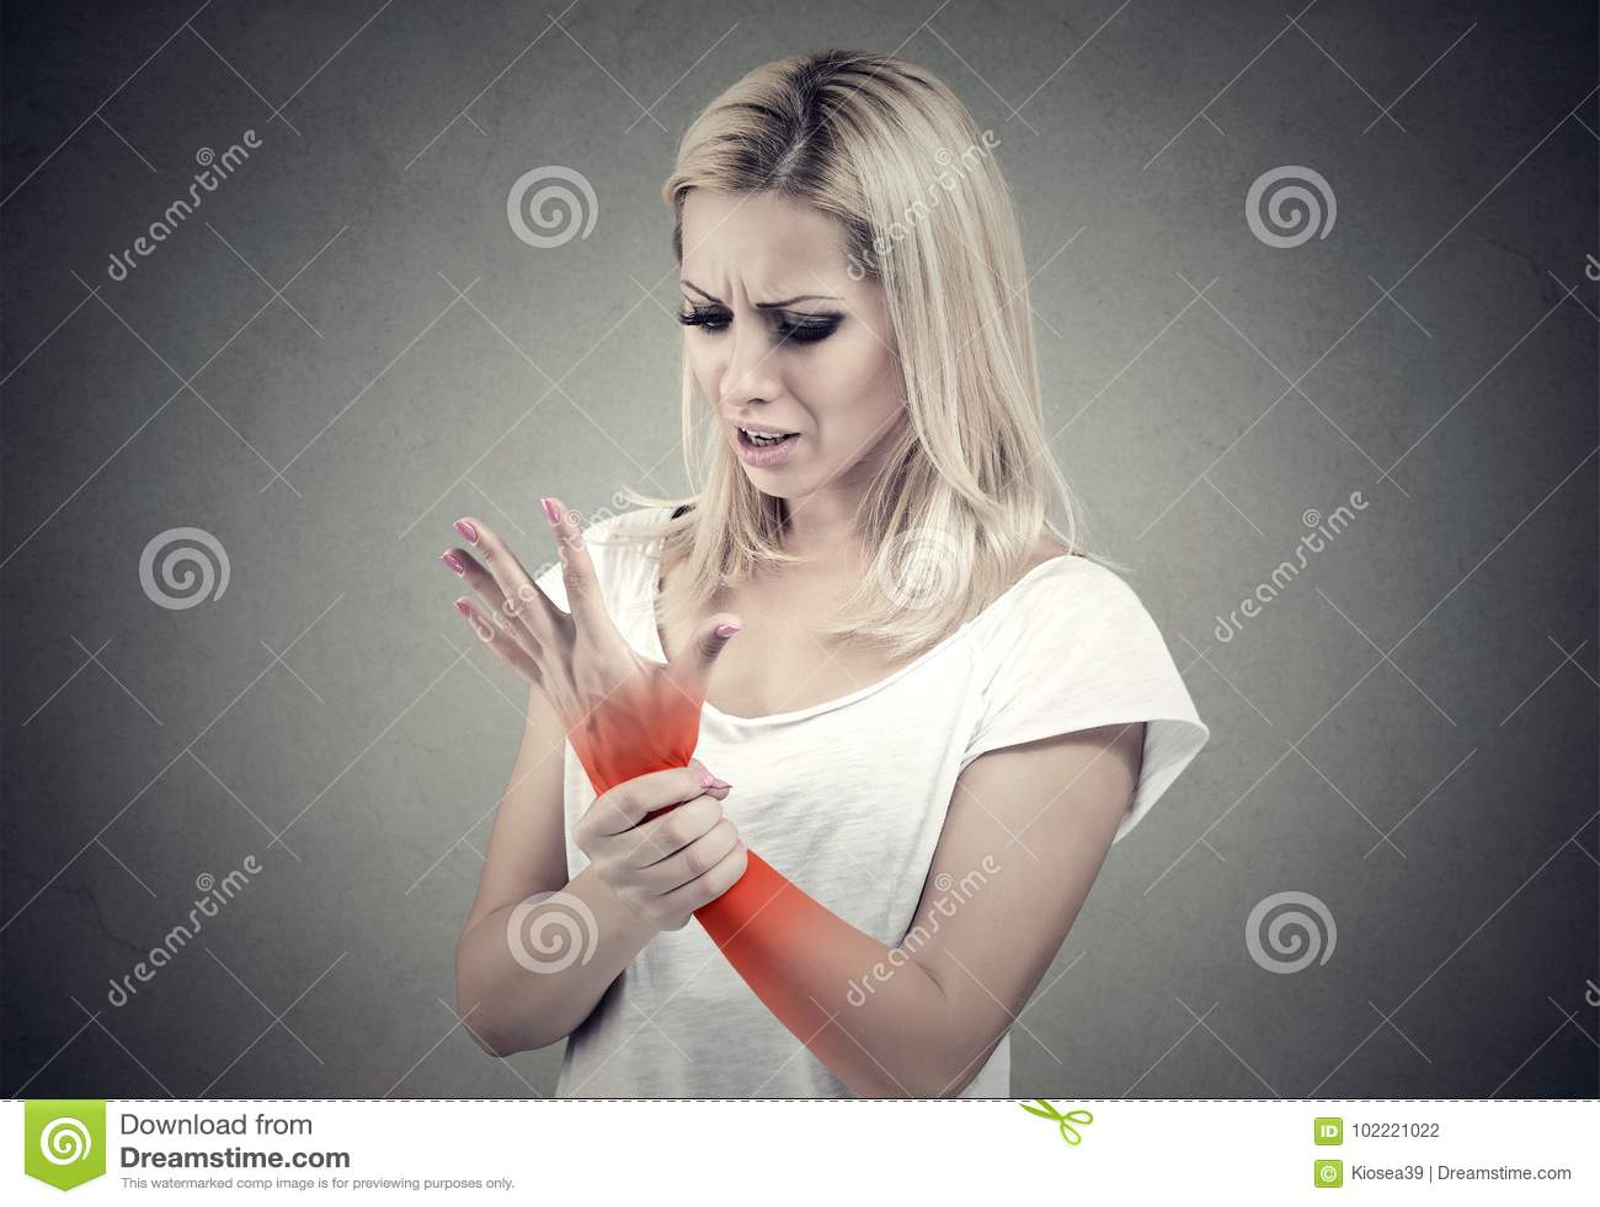 Donna che giudica la sua posizione dolorosa di dolore di distorsione del polso indicata dal punto rosso